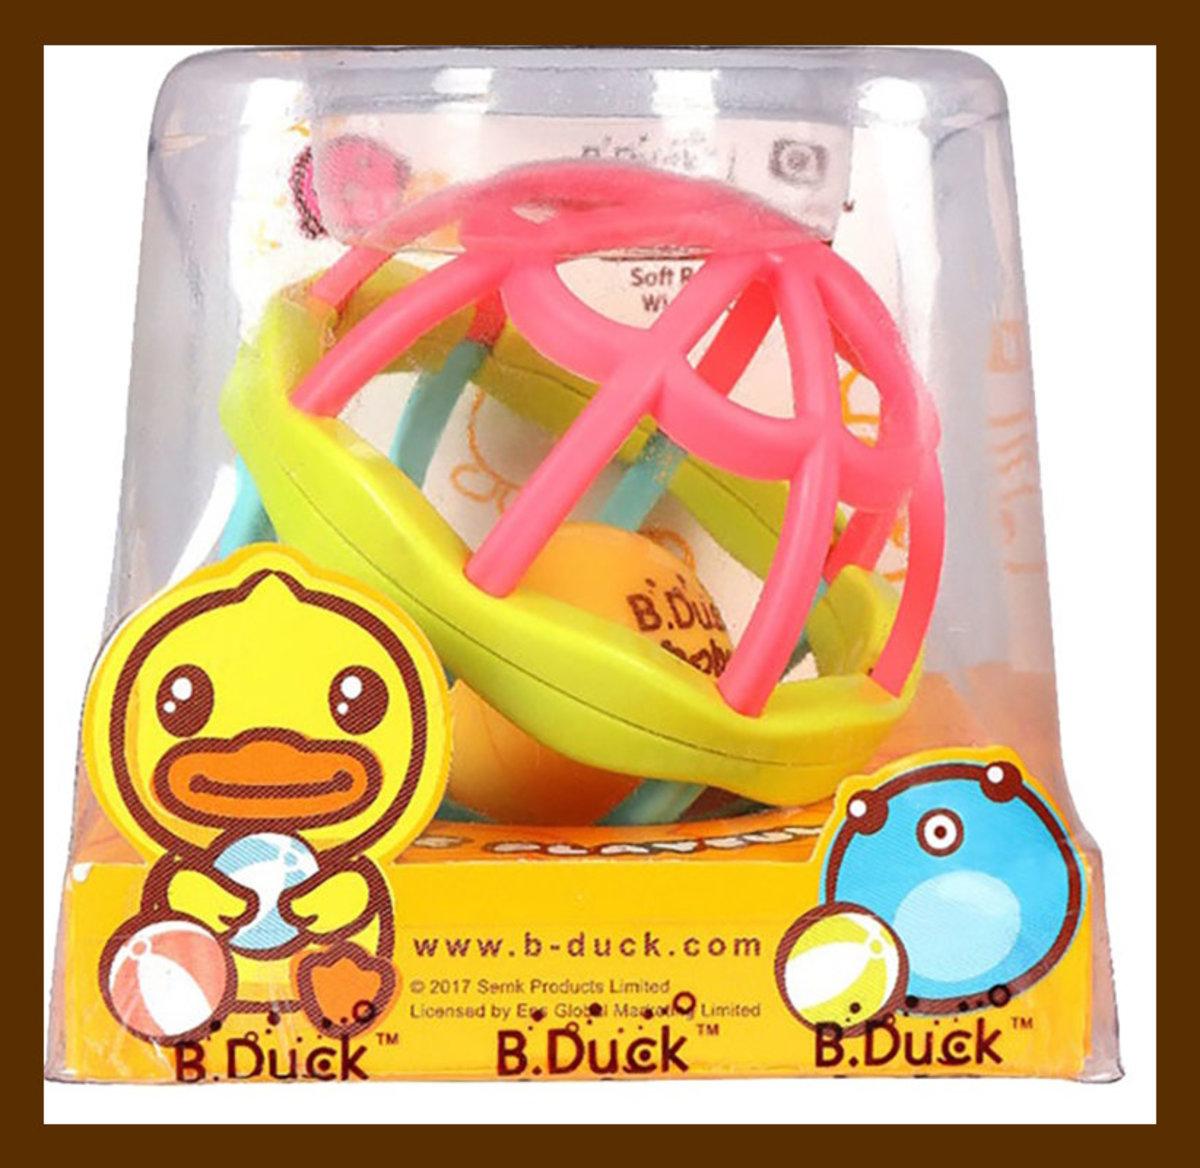 B-Duck Baby Catching Ball 嬰兒手抓球 6M+(6971266380011)